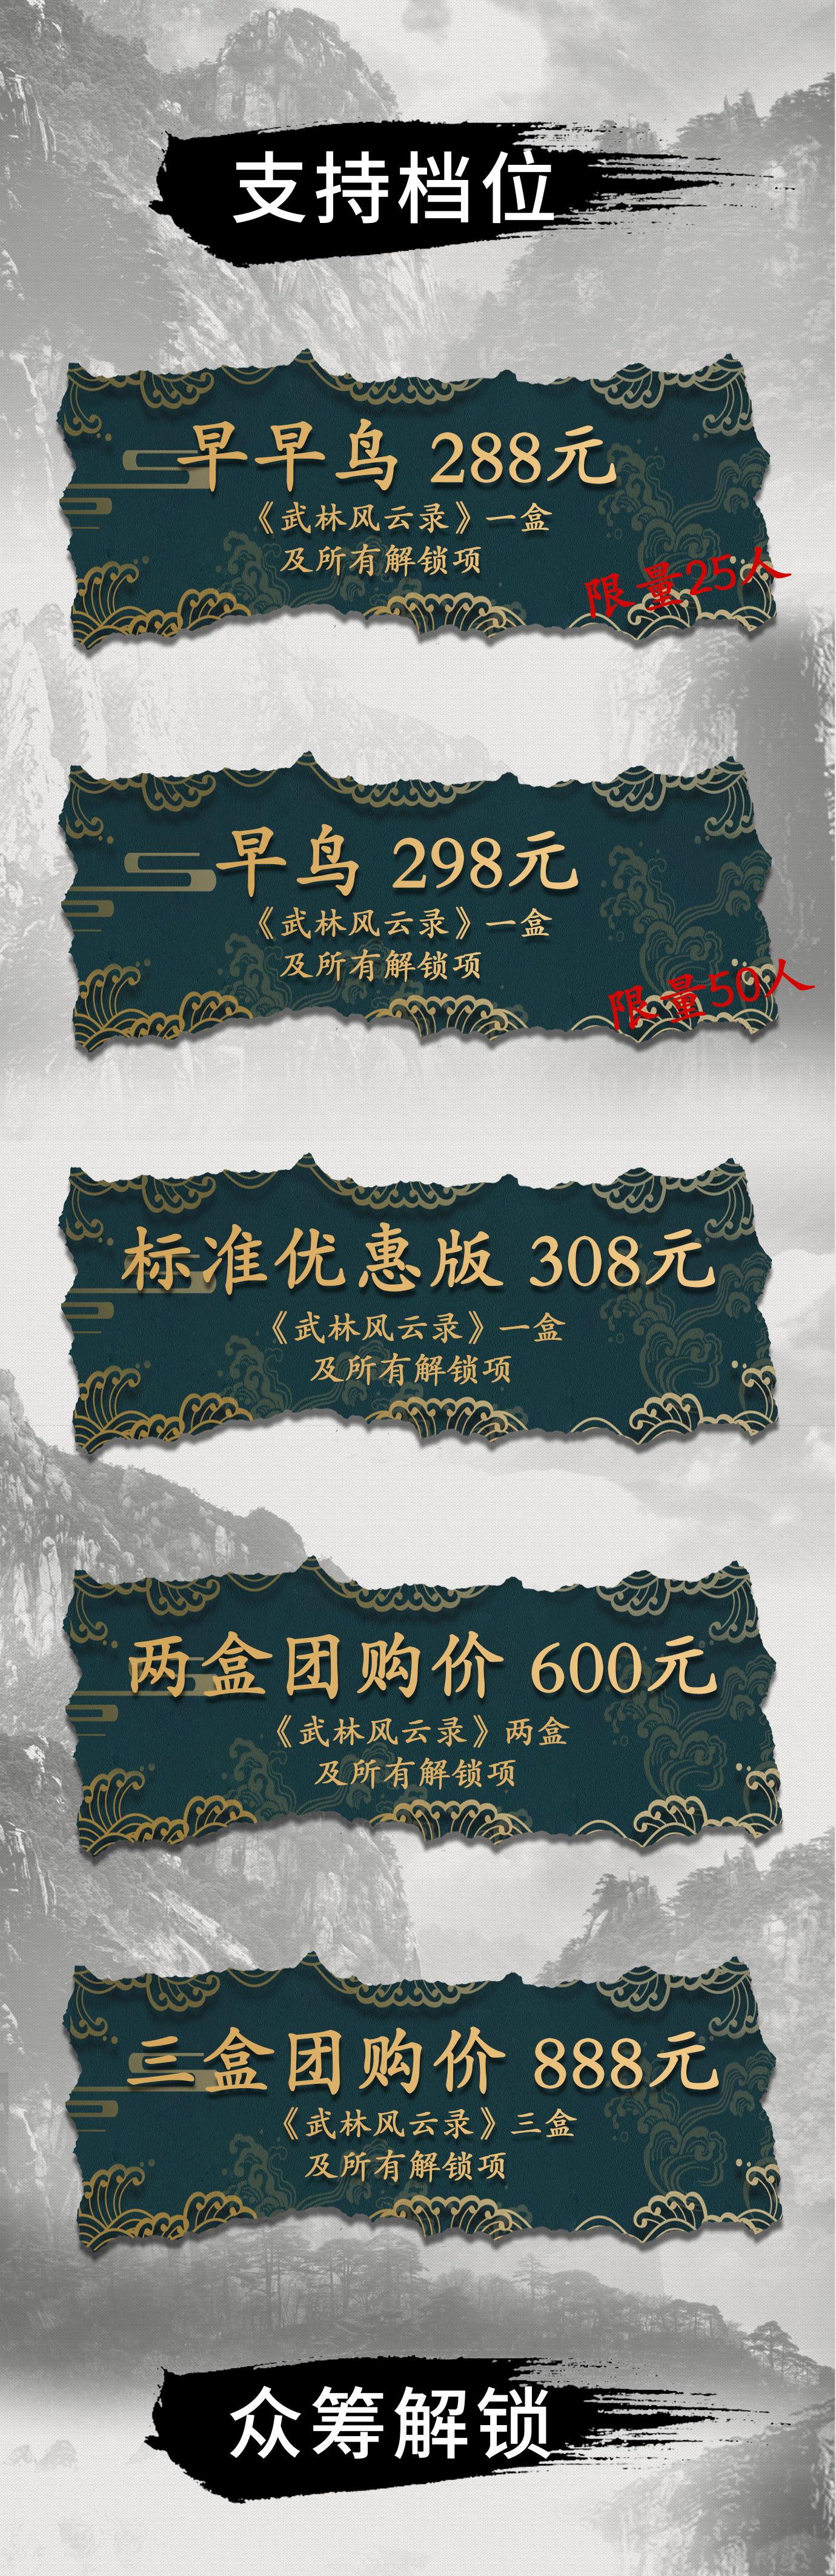 武林风云录众筹解锁1_看图王.jpg